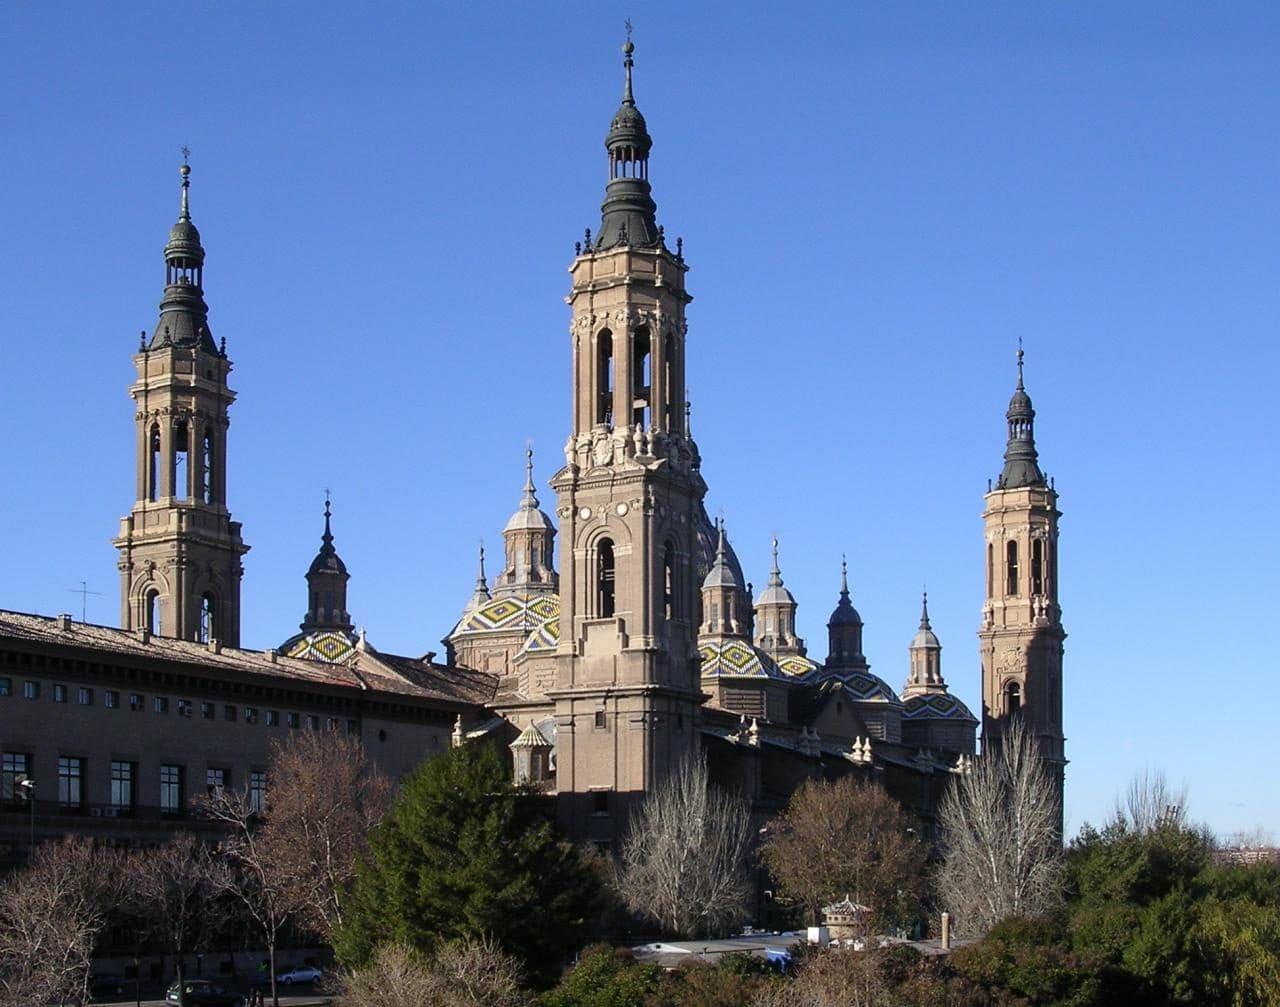 스페인 사라고사(Zaragoza) 필라르 성모 성당(Cathedral-Basilica of Our Lady of the Pillar), Image - Willtron